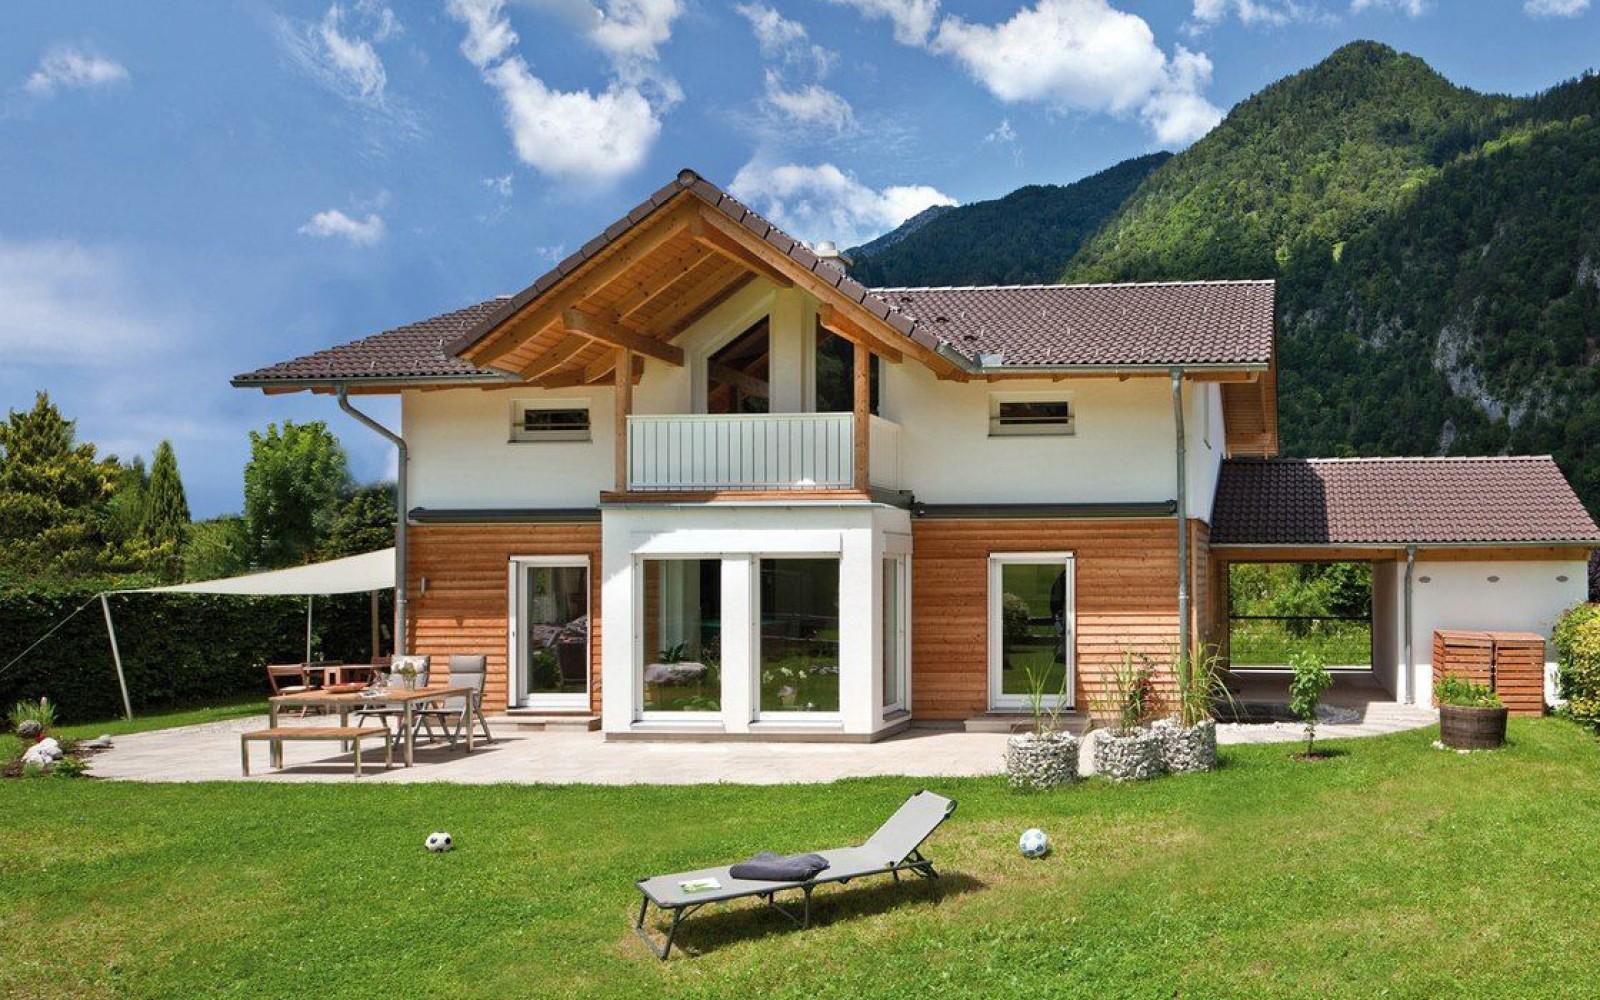 Case prefabbricate in legno guida completa for Acquisto case prefabbricate